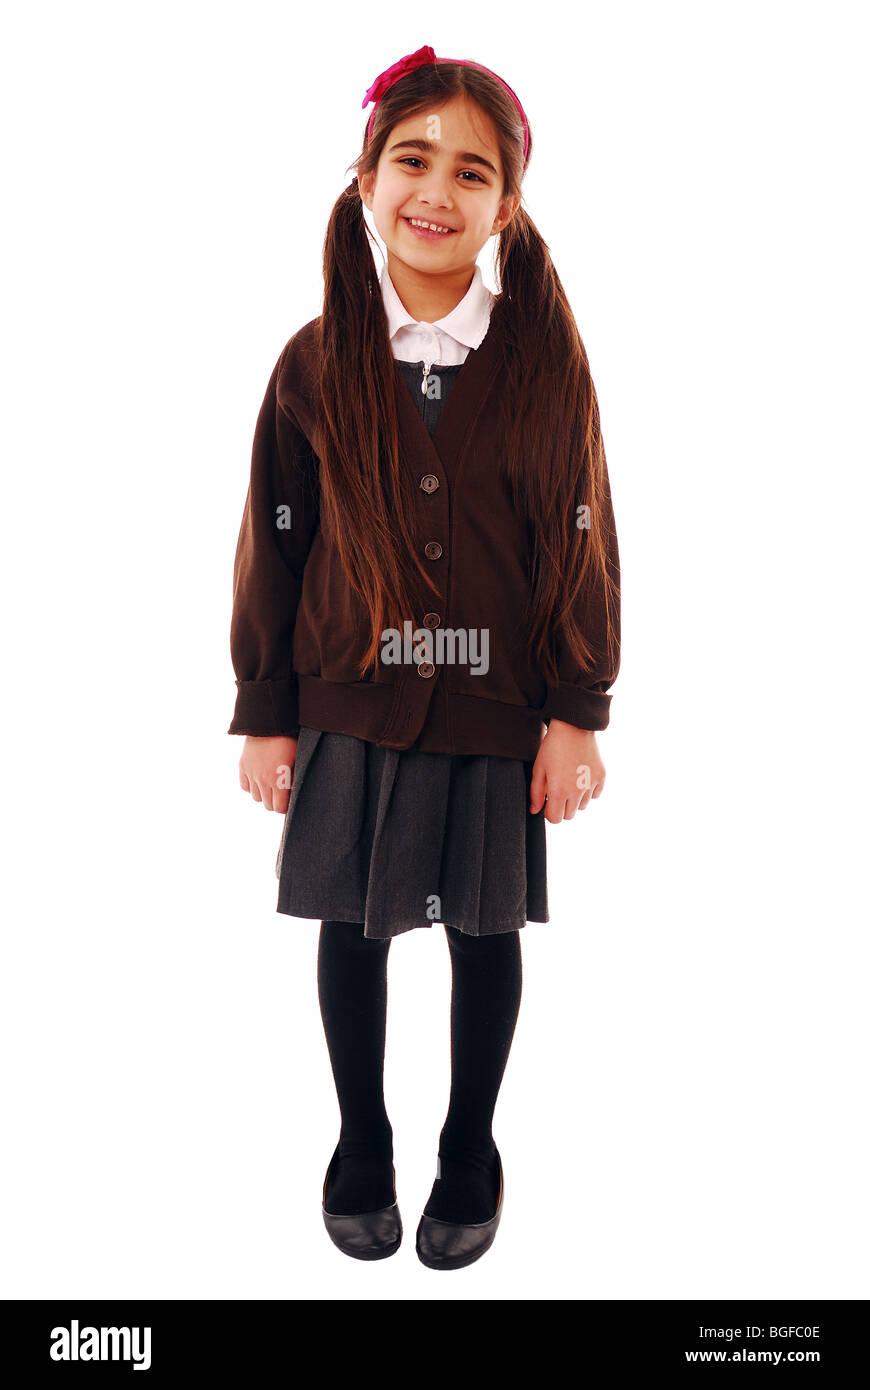 Jeune fille dans l'uniforme scolaire Photo Stock